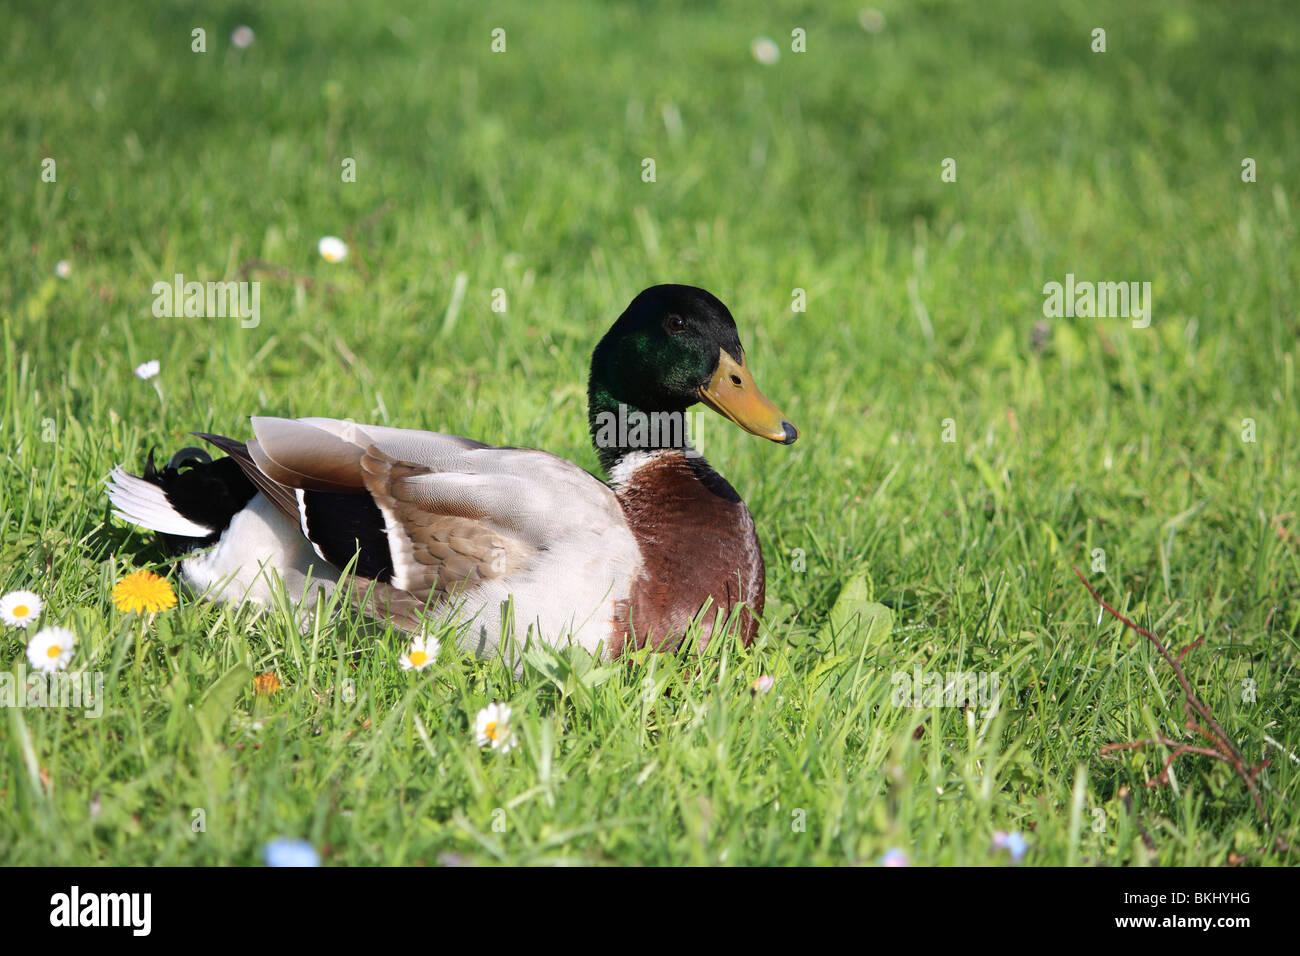 Stock Photo - Mallard Duck - Stock Image